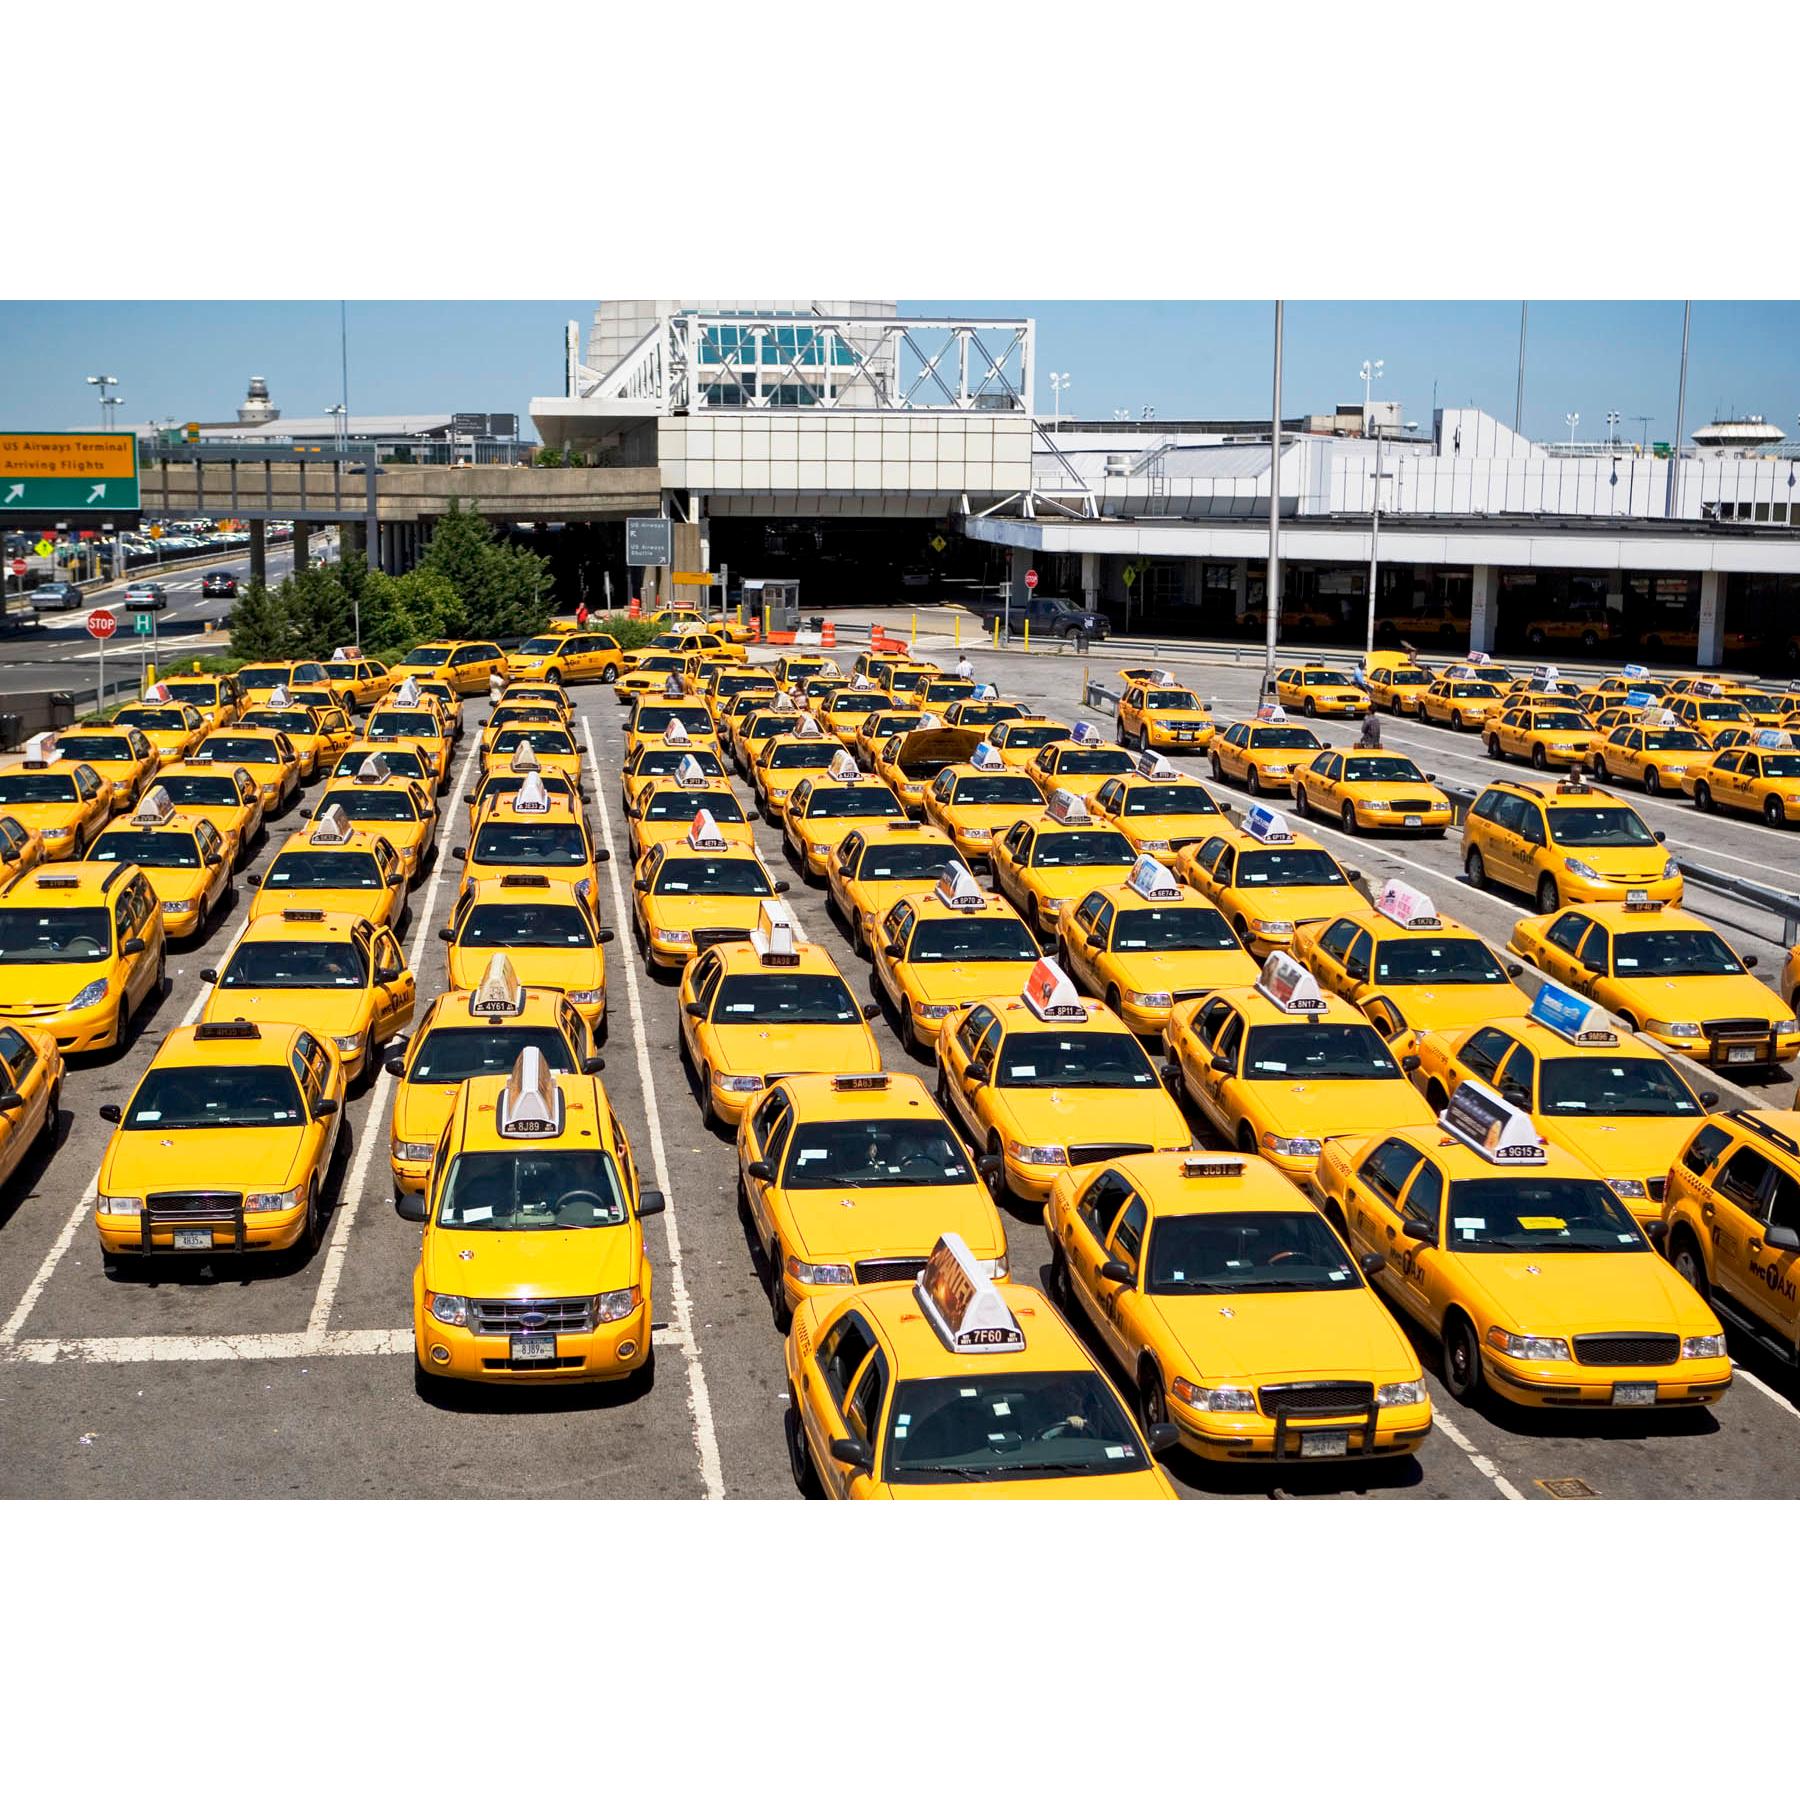 California Express Taxi